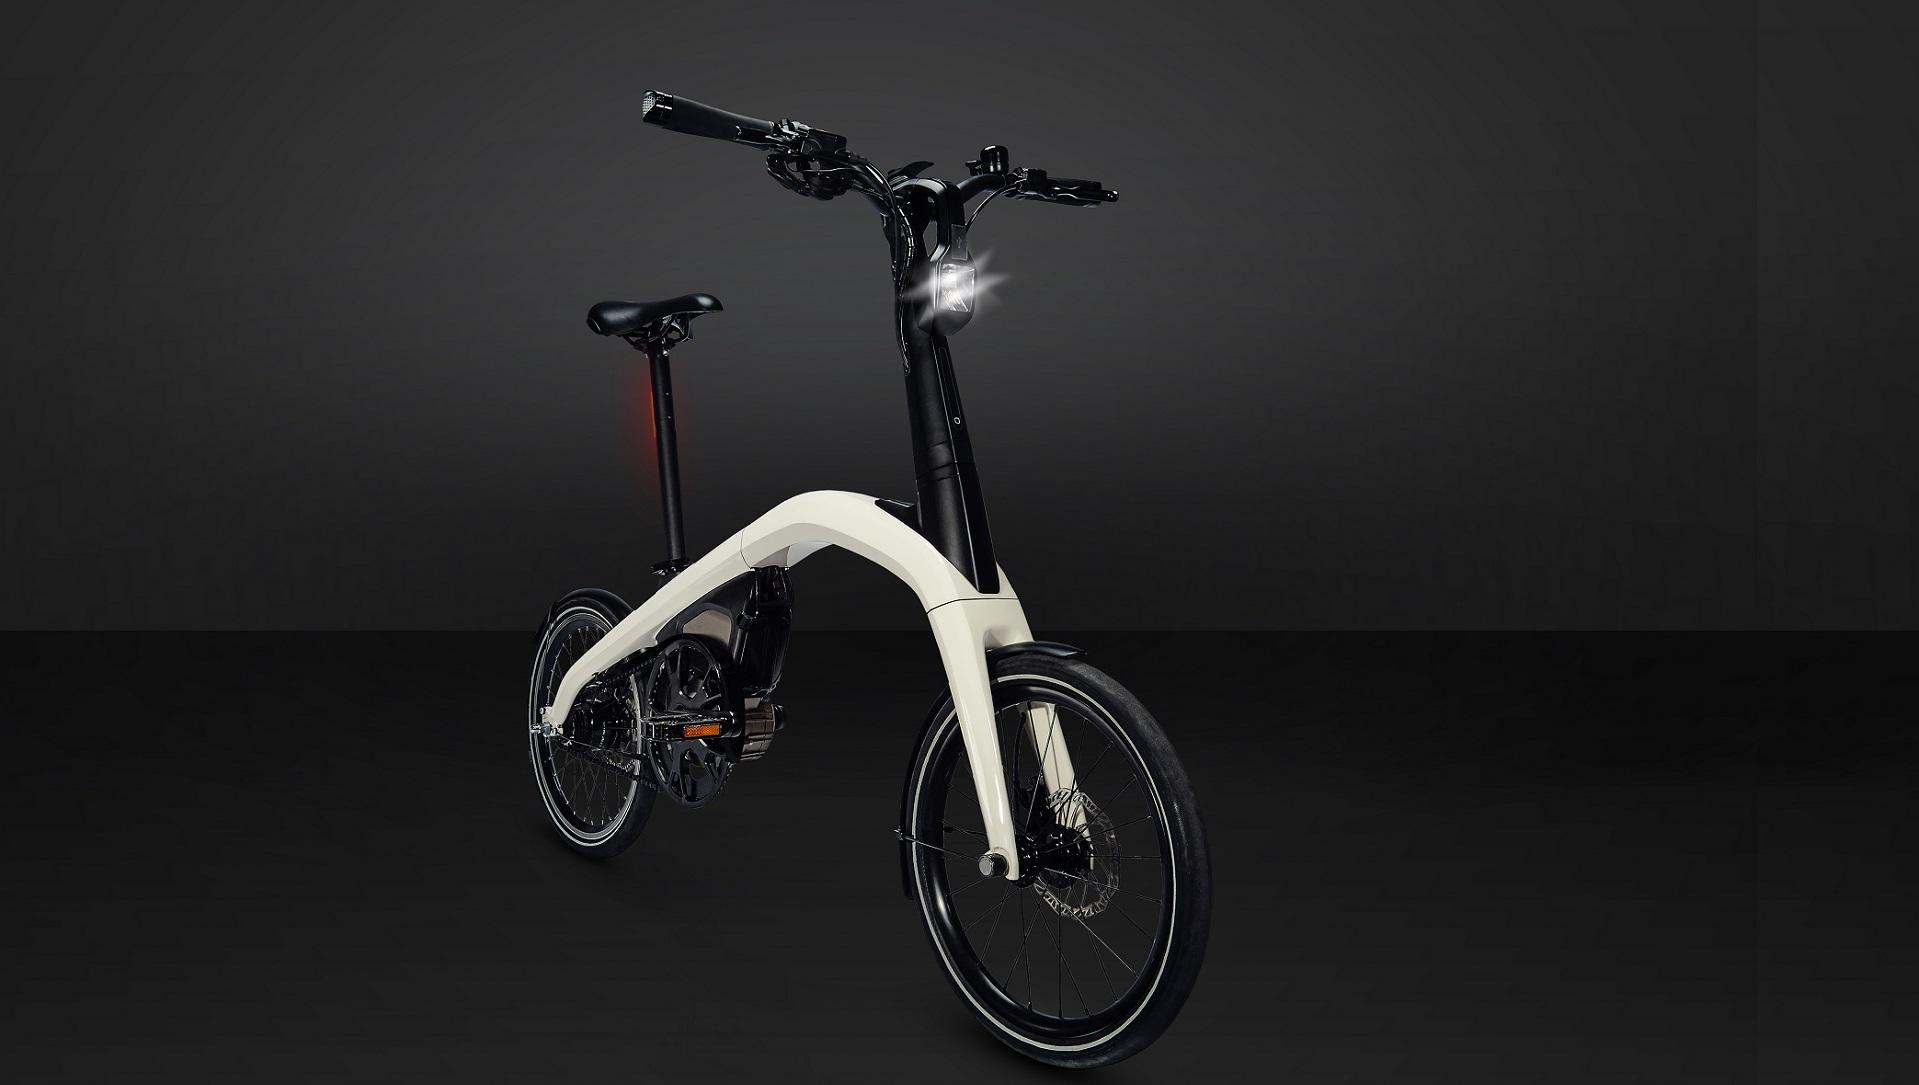 Los fabricantes de coches sondean el desarrollo de bicis eléctricas